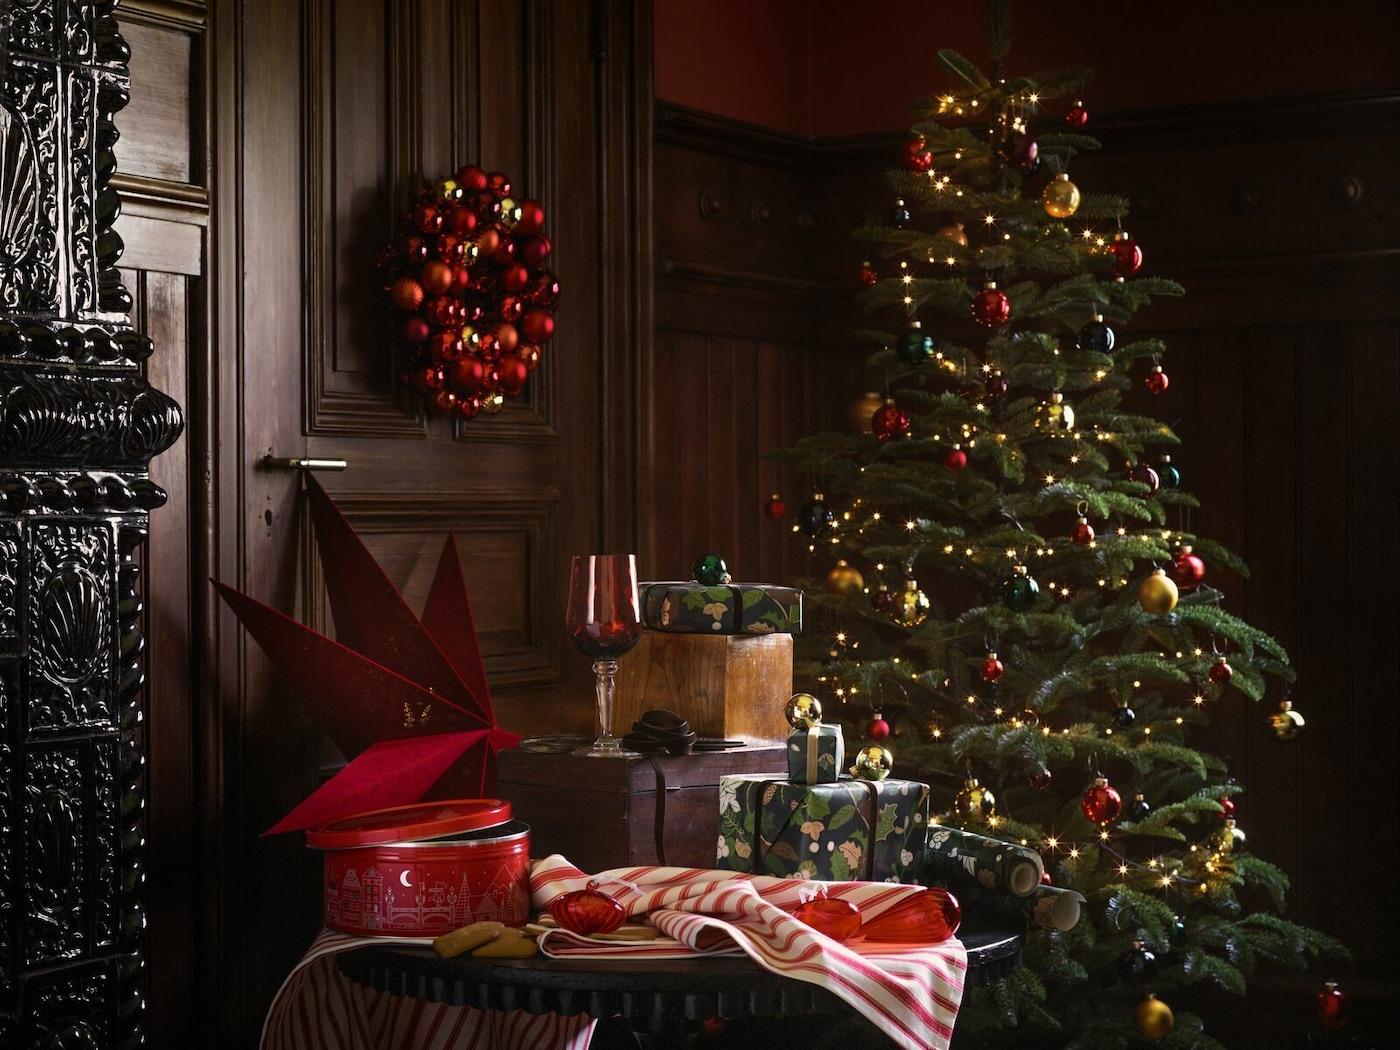 Une sélection de produits de la gamme IKEA VINTER 2020, comprenant un sapin, du papier cadeau et des accessoires d'intérieur.